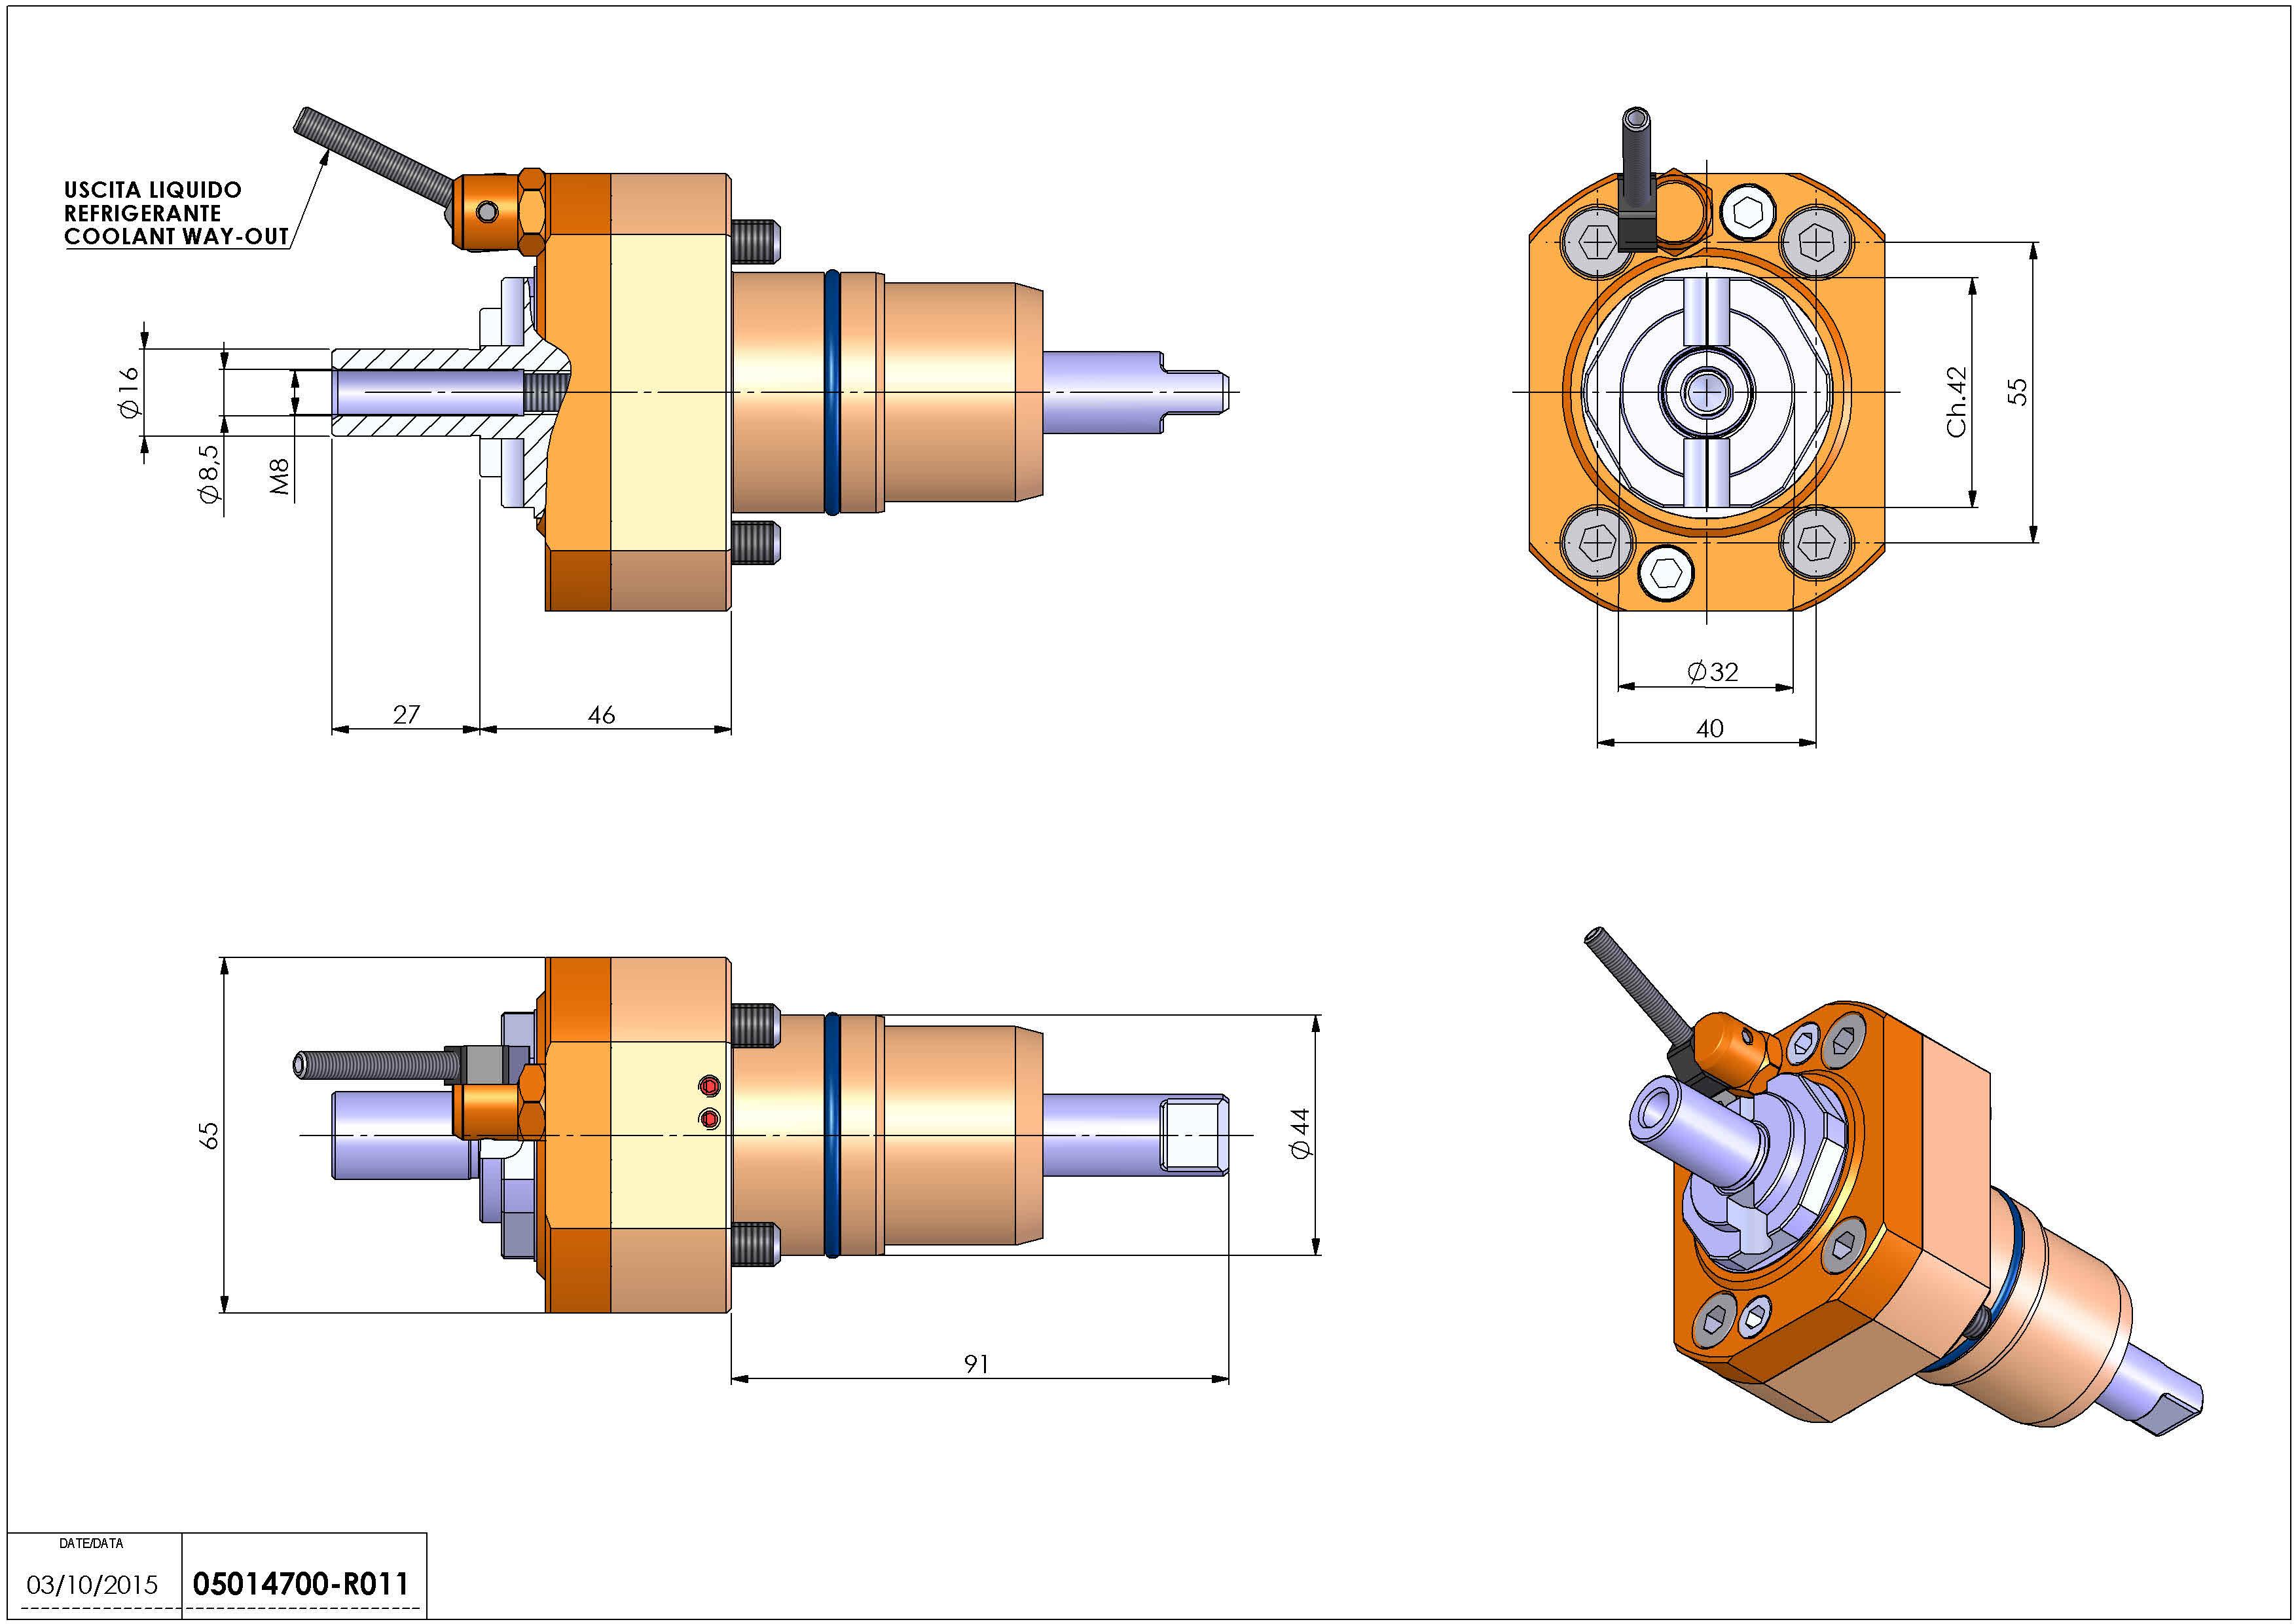 Technical image - LT-S D44 DIN138-16 H46 NK.